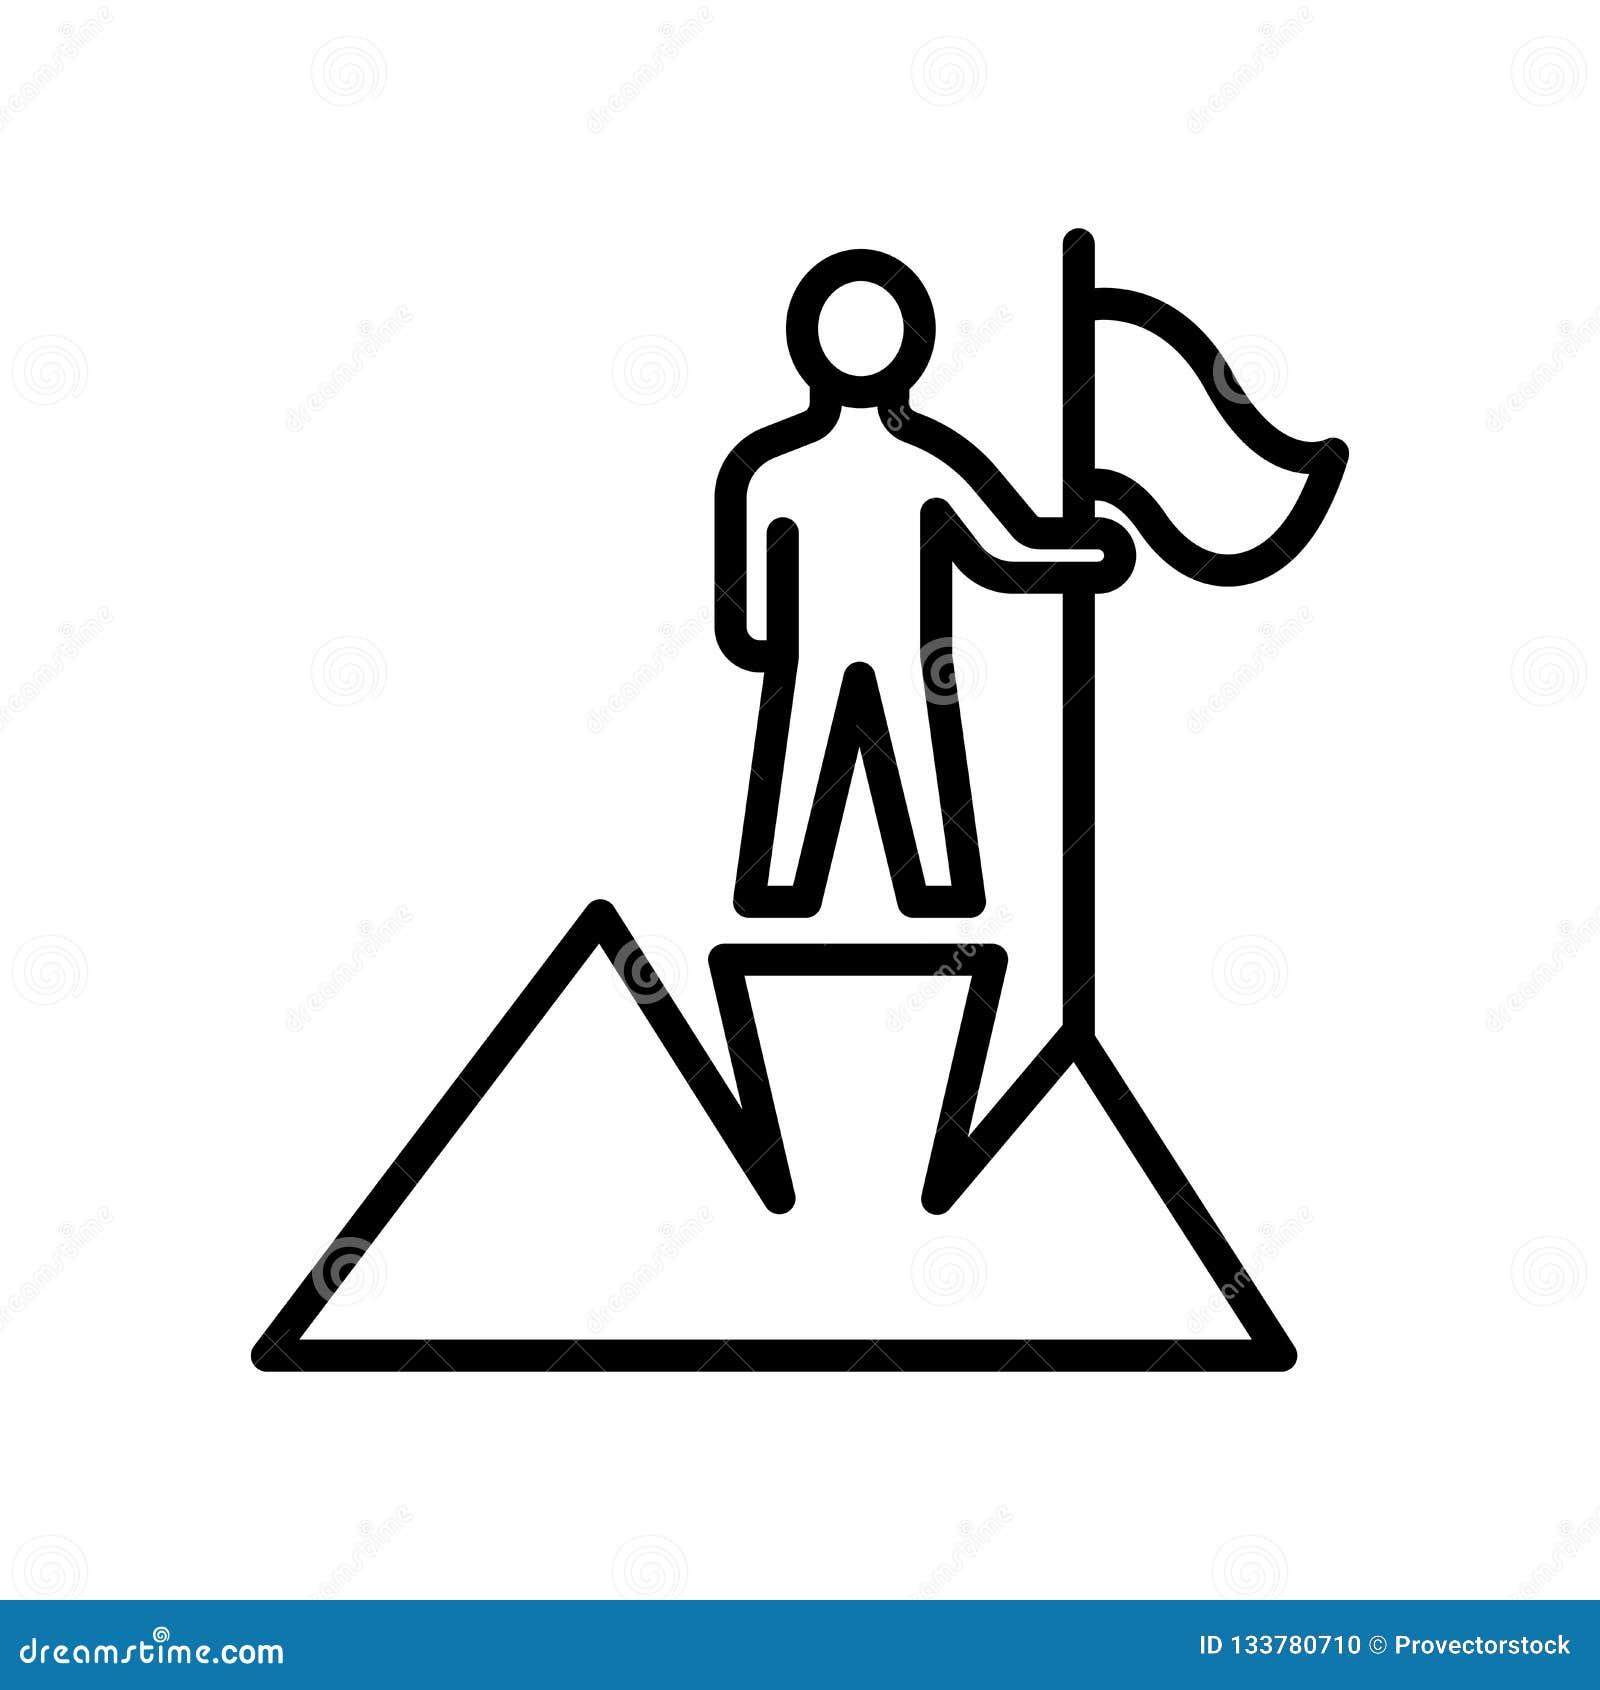 Επιτεύγματος σημάδι και σύμβολο εικονιδίων διανυσματικό που απομονώνονται στο άσπρο backgr